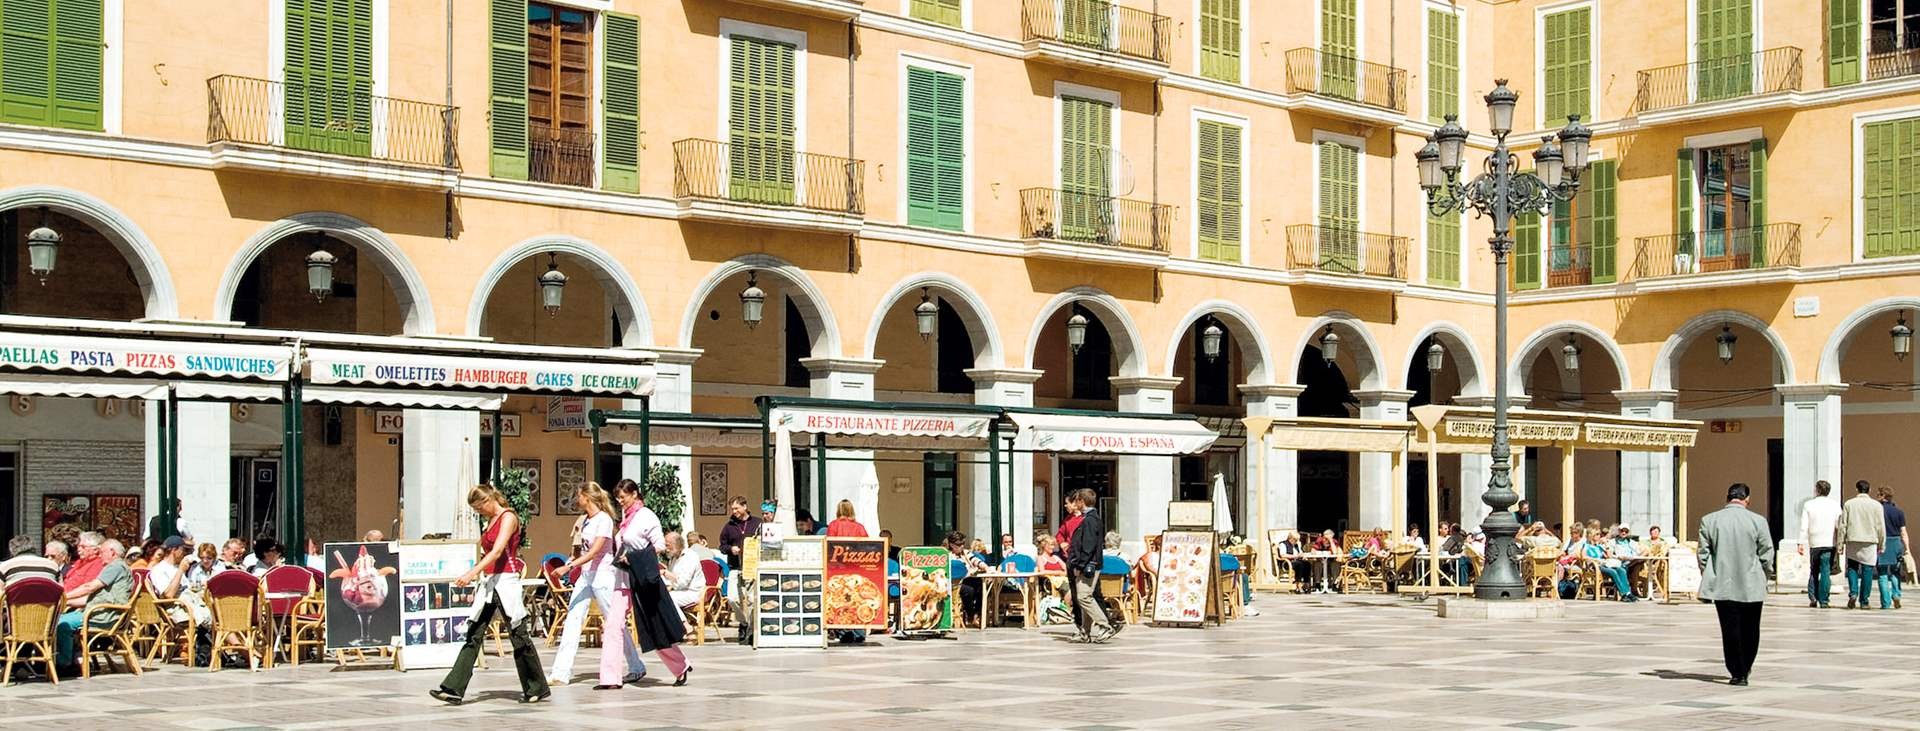 Boka din resa till Palma stad på Mallorca med Ving